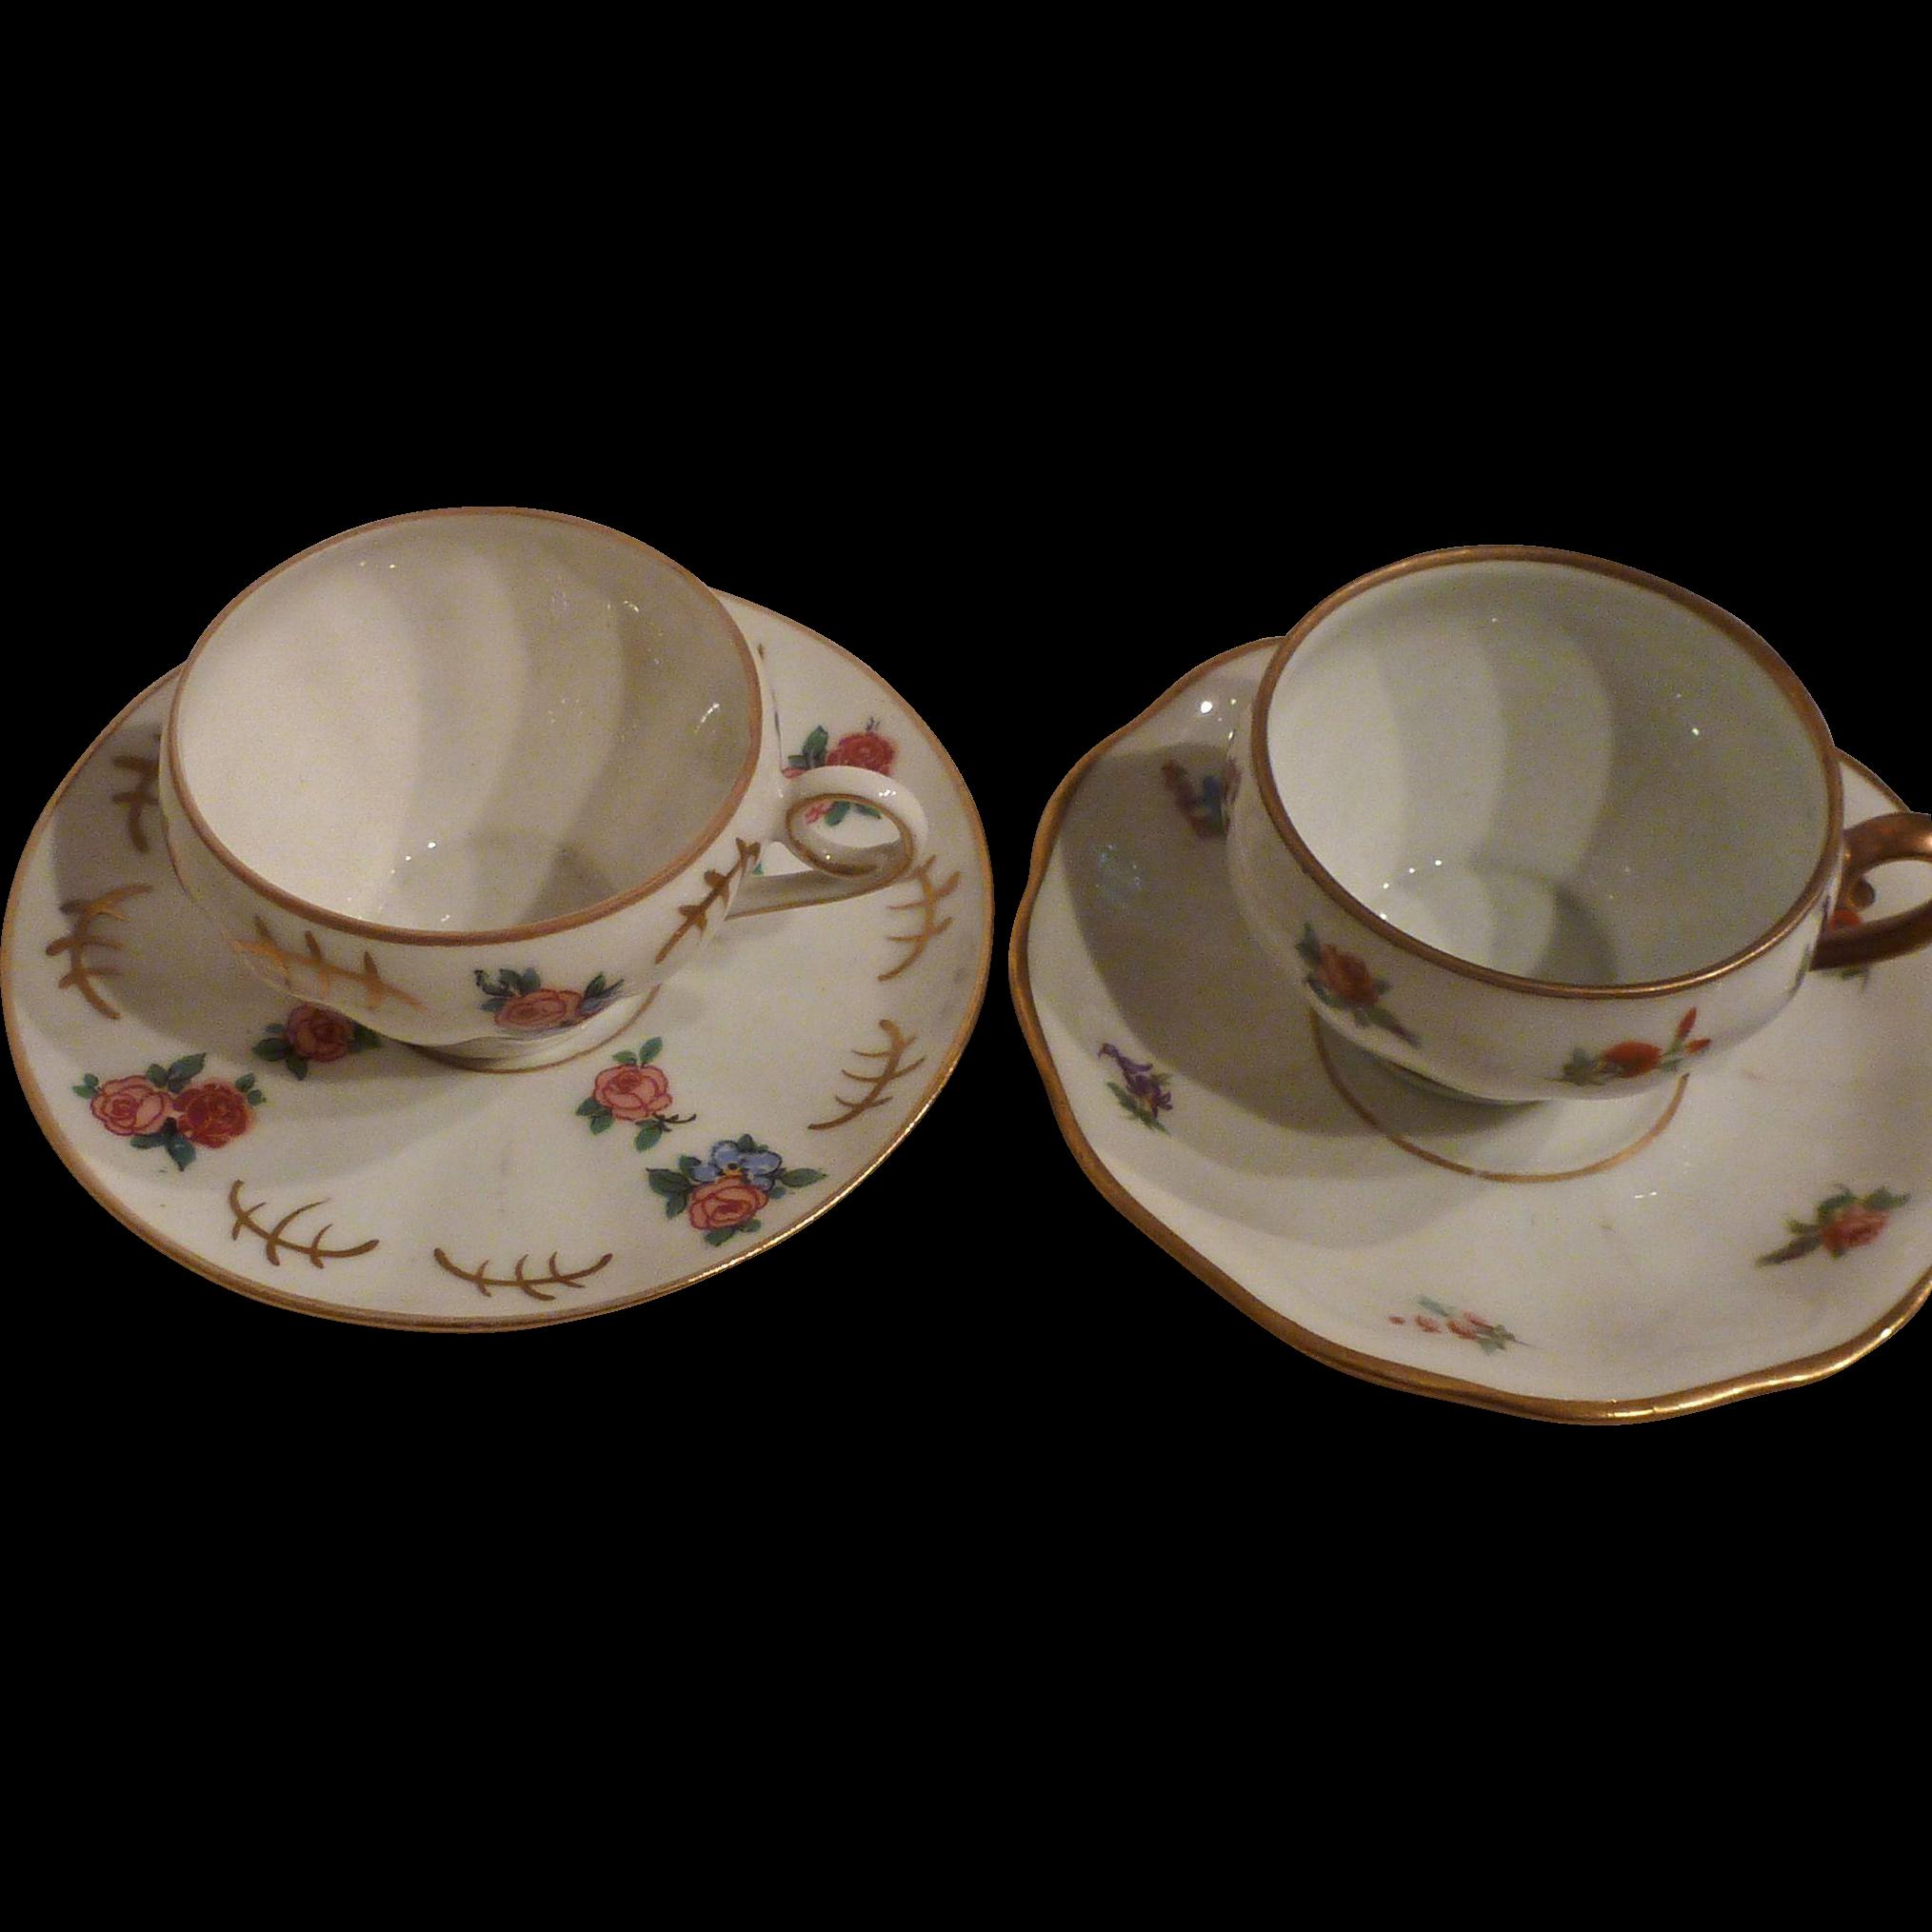 Quasi-pair of German porcelain demi-tasse